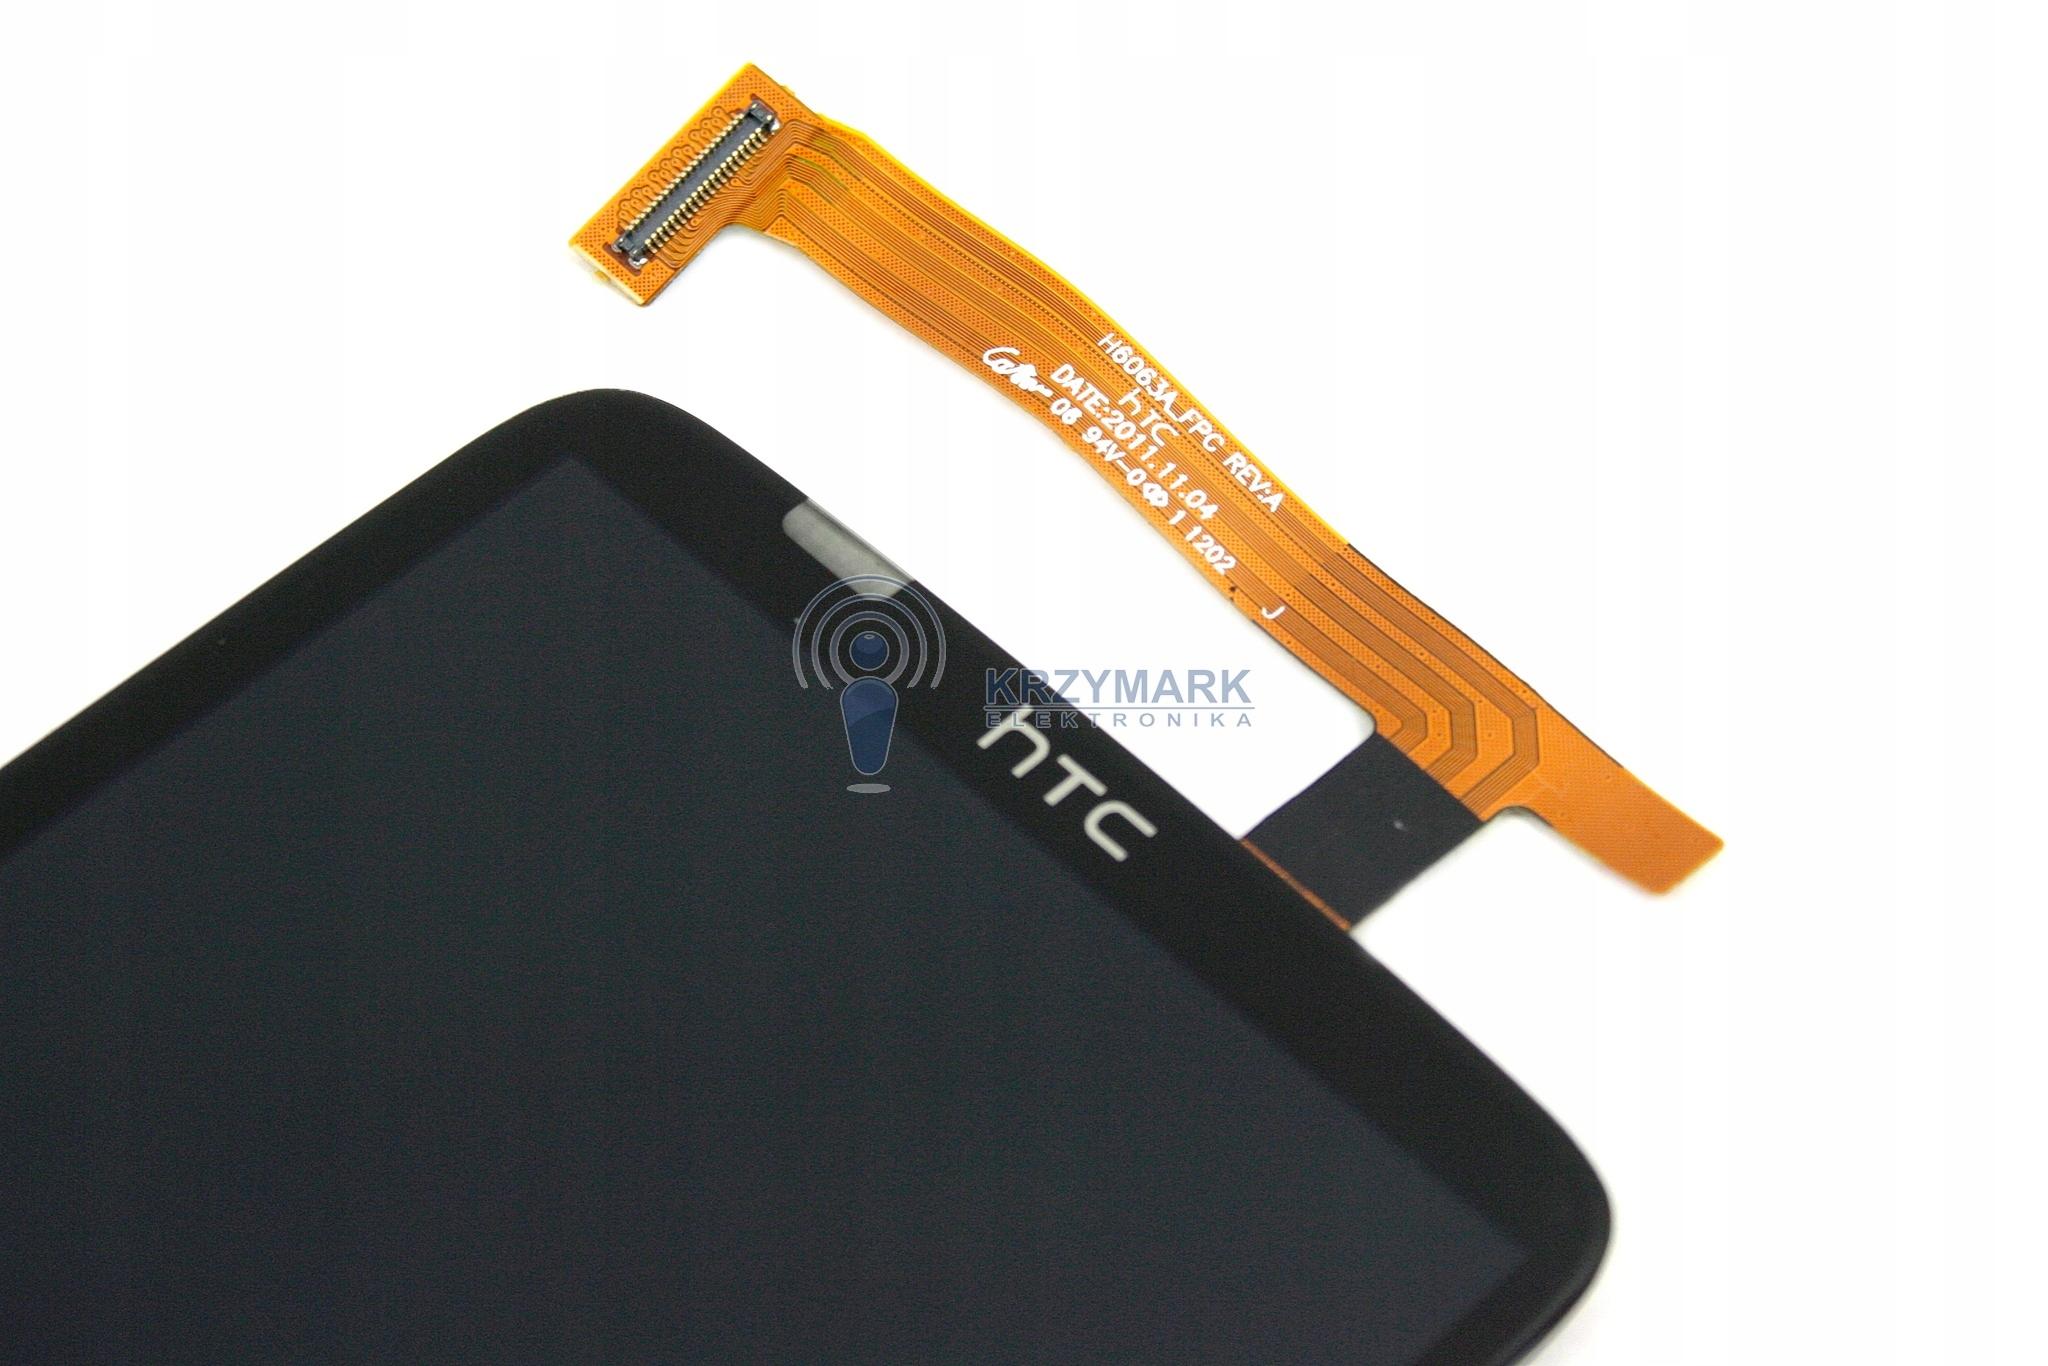 DOTYK DIGITIZER SZYBKA DO HTC S720E ONE LCD X